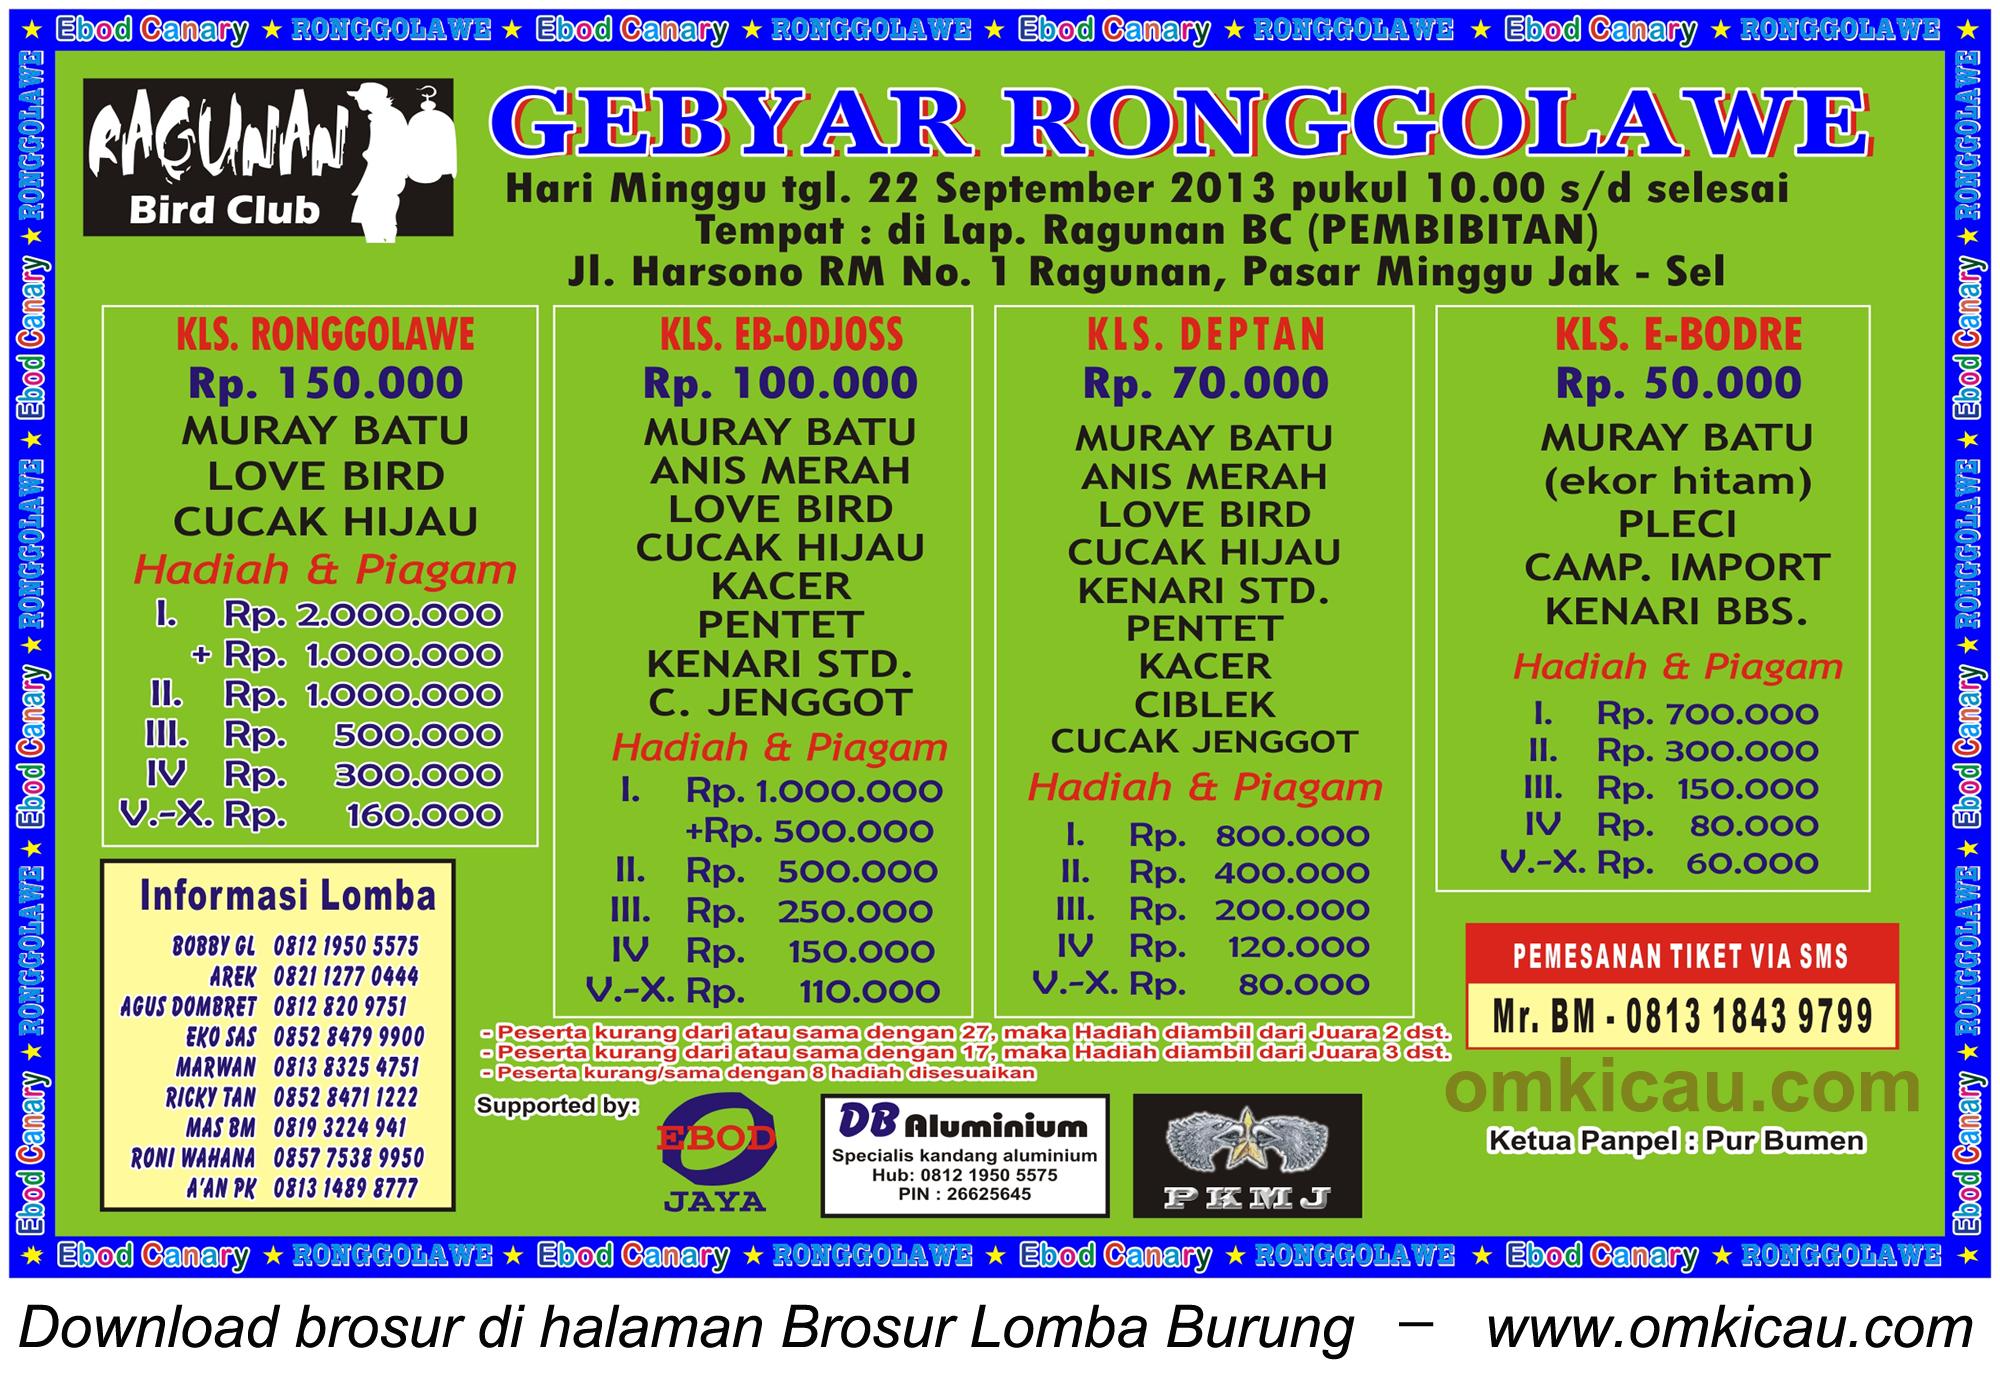 Brosur Lomba Burung Gebyar Ronggolawe - Jakarta - 22 Sept 2013